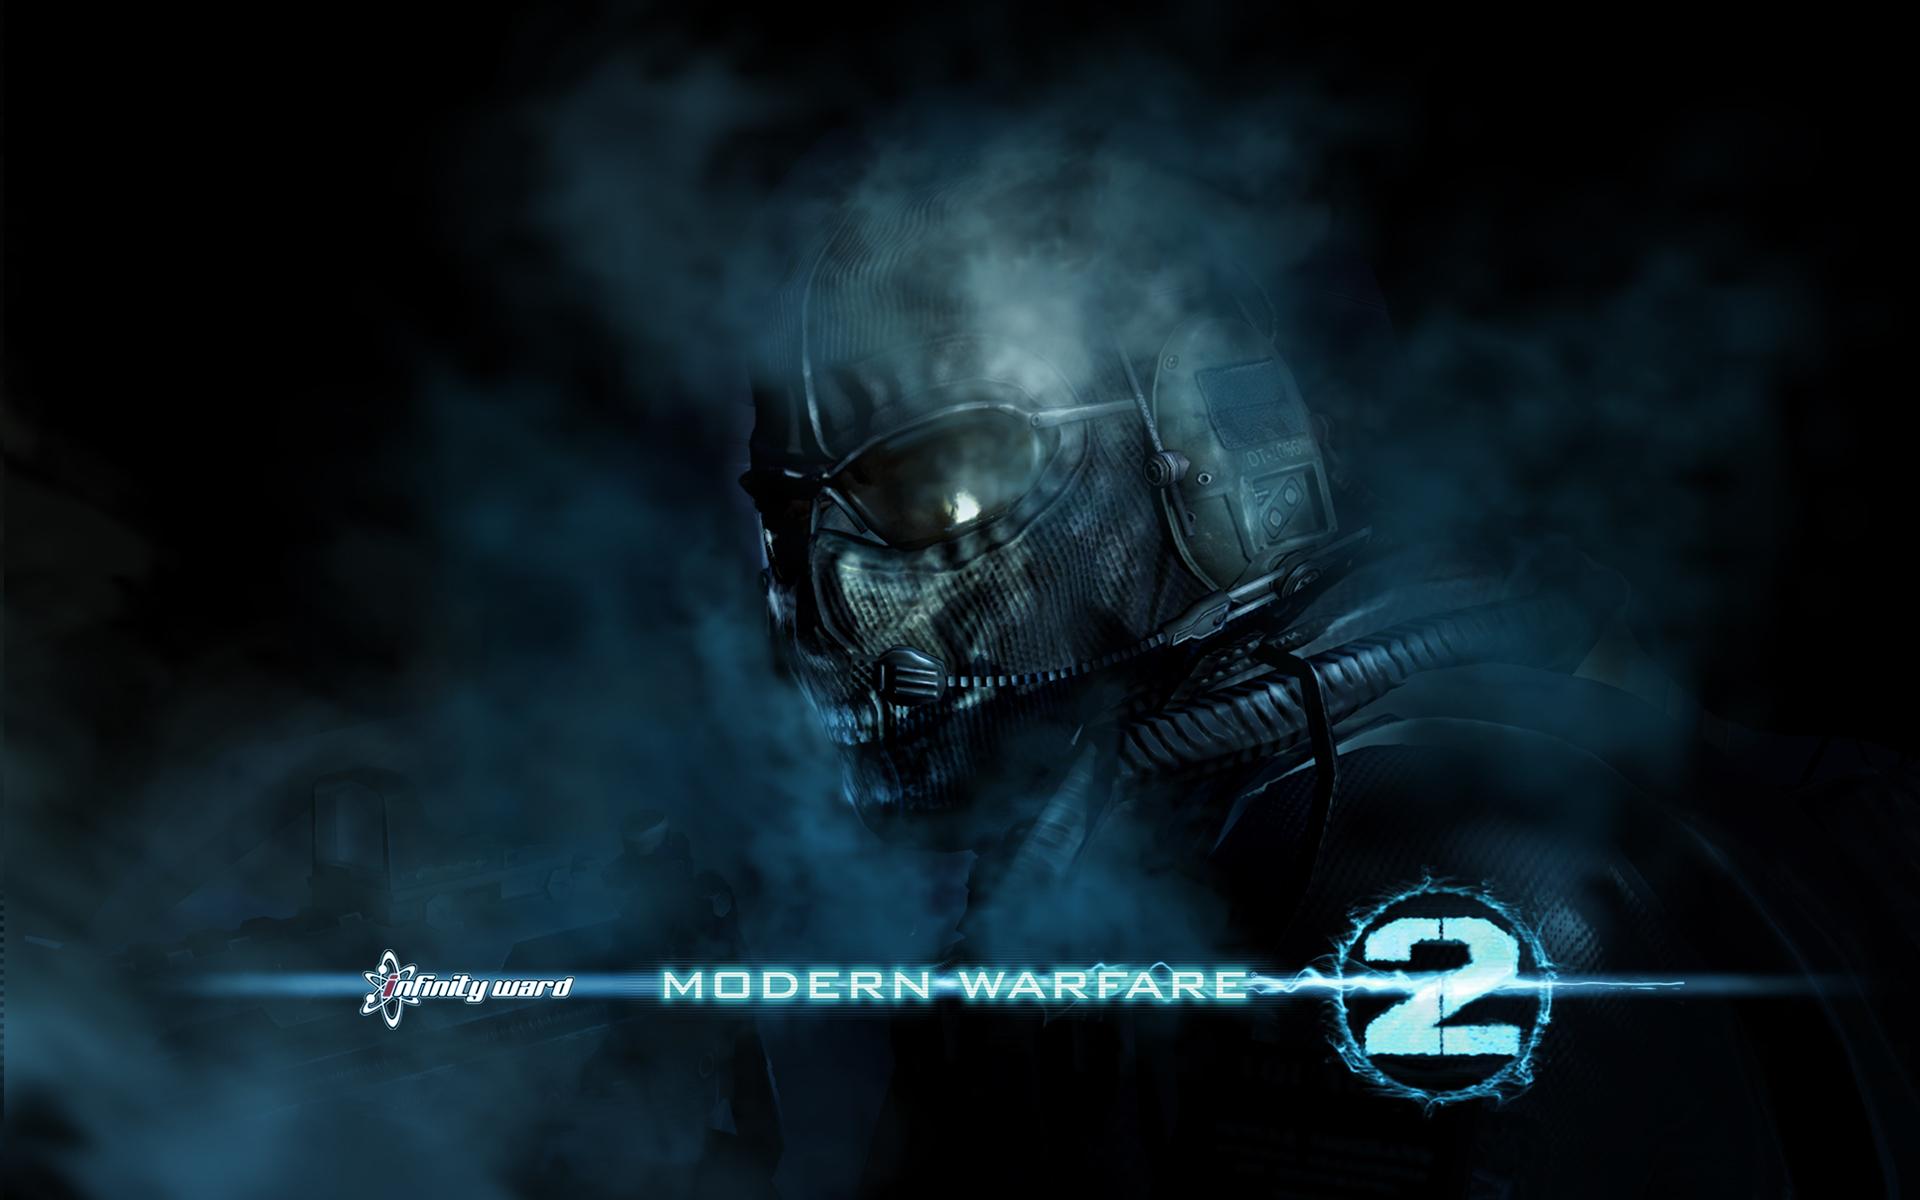 Ghost - Modern Warfare 2 Wallpaper (15415587) - Fanpop